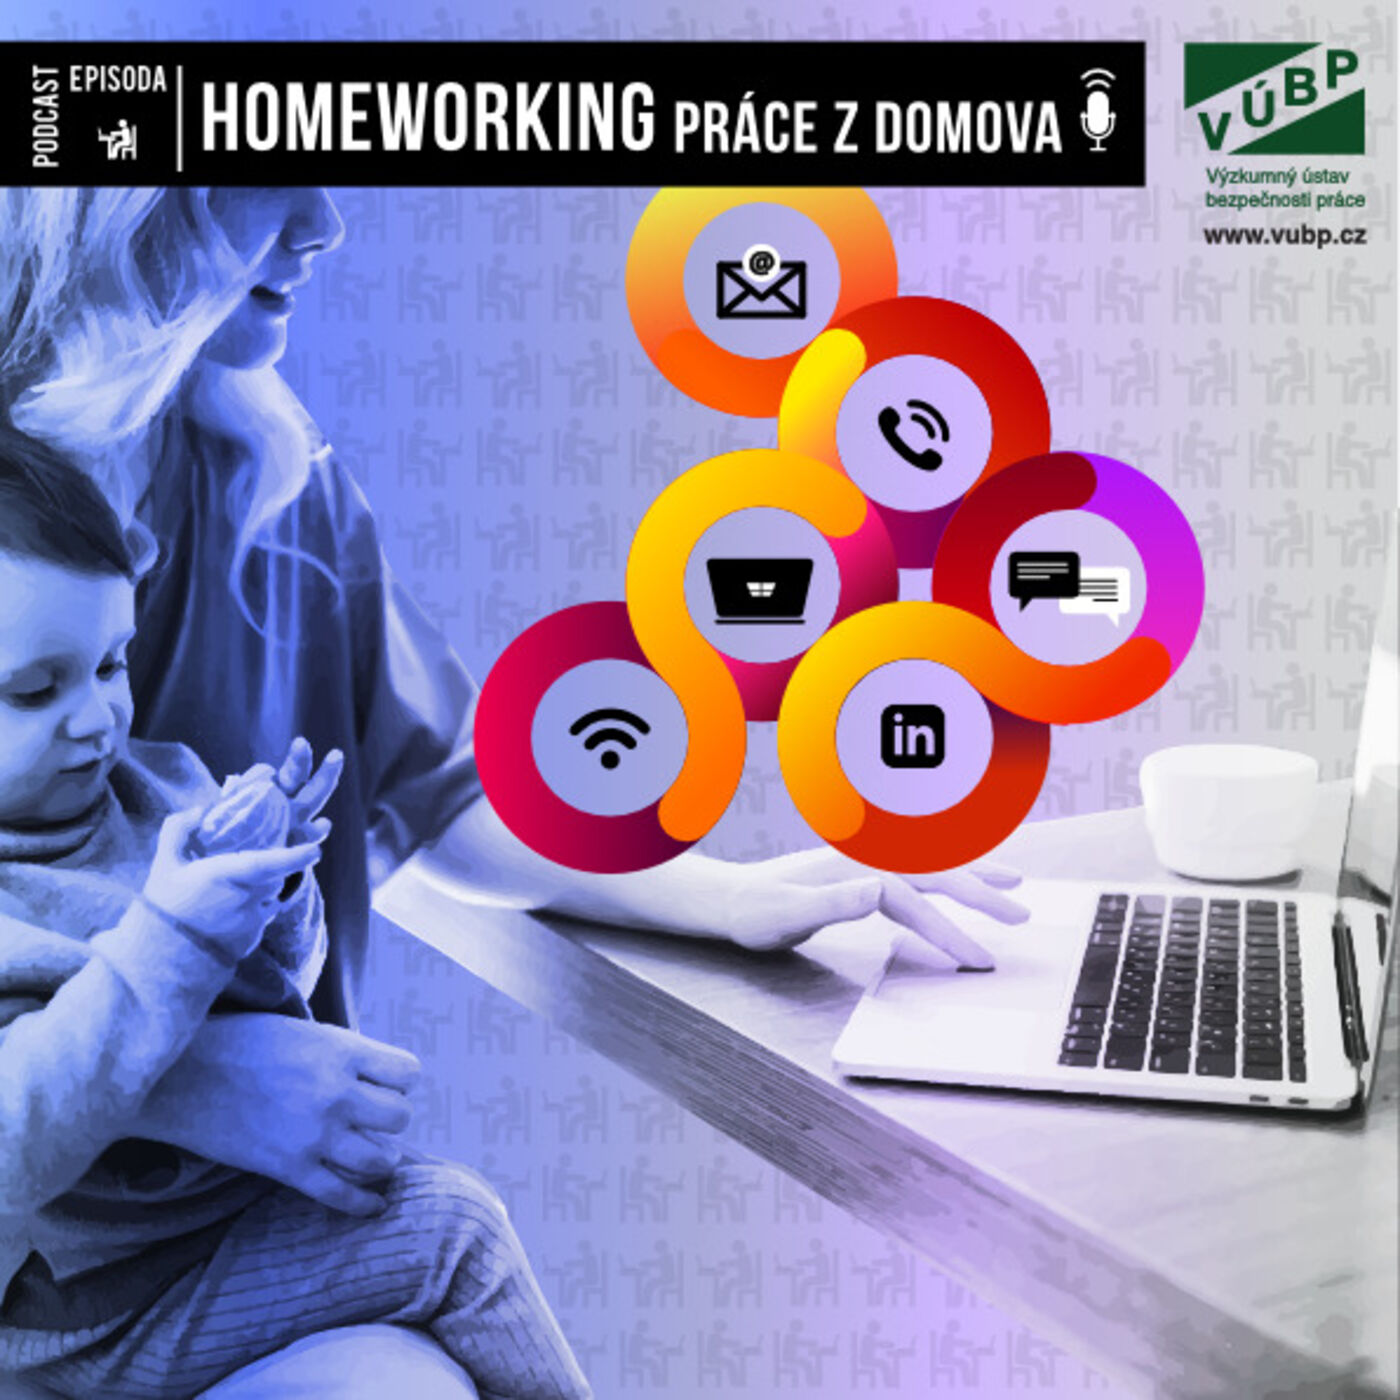 """Práce z domácího prostředí (Homeworking #1) - Aby práce z domova byla pro zaměstnance """"zdraví bezpečná"""""""